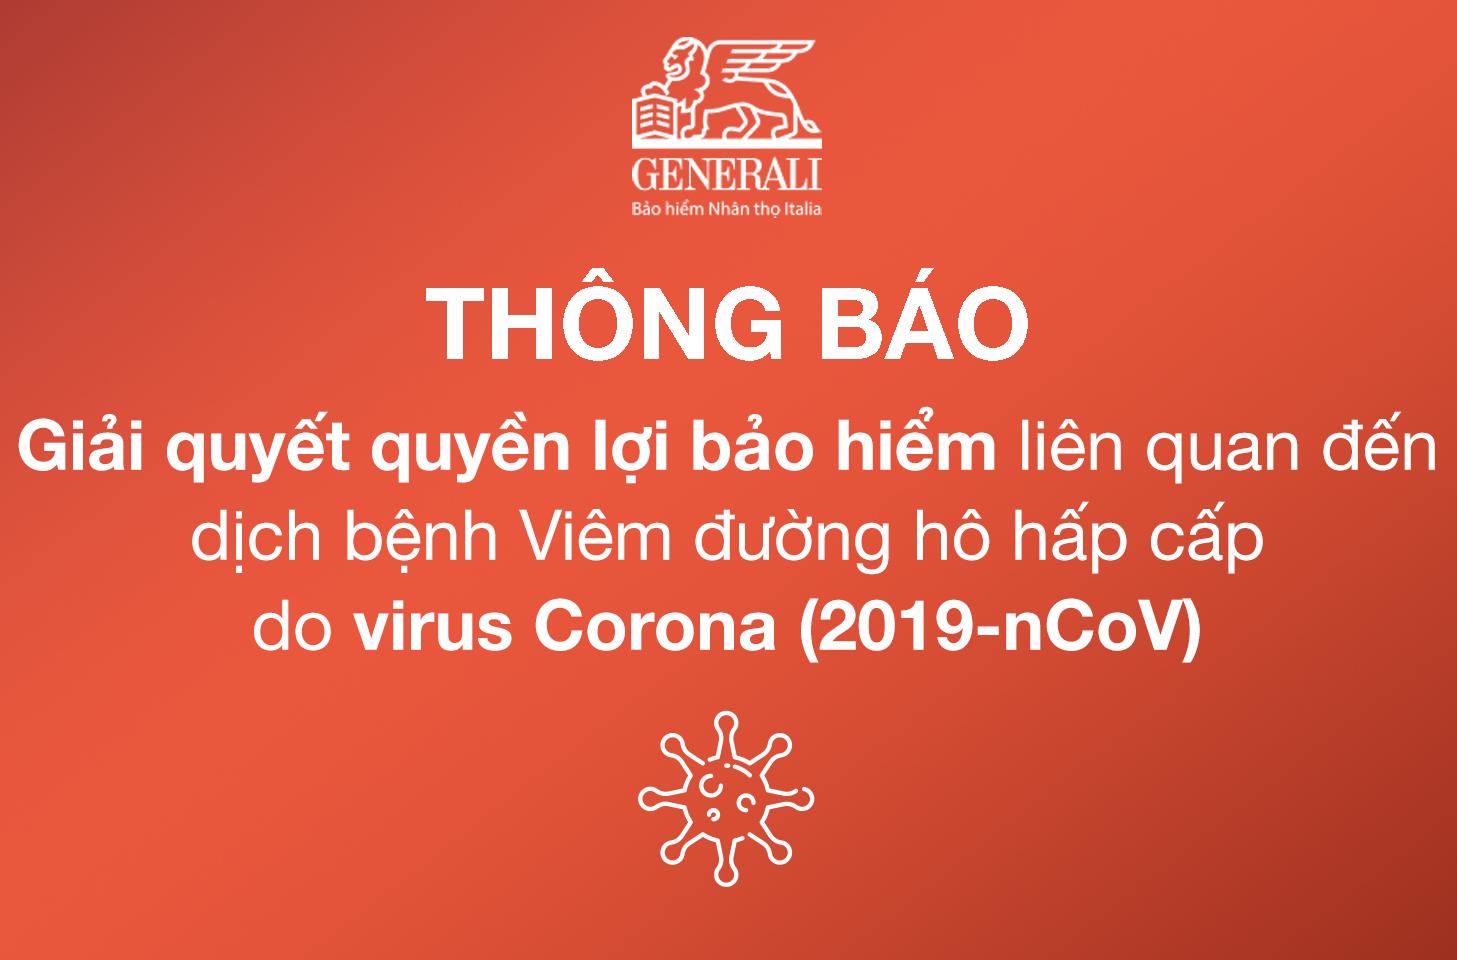 Generali thông báo hỗ trợ đặc biệt về việc giải quyết quyền lợi bảo hiểm liên quan đến dịch bệnh Viêm đường hô hấp cấp do chủng mới của virus Corona (nCoV)